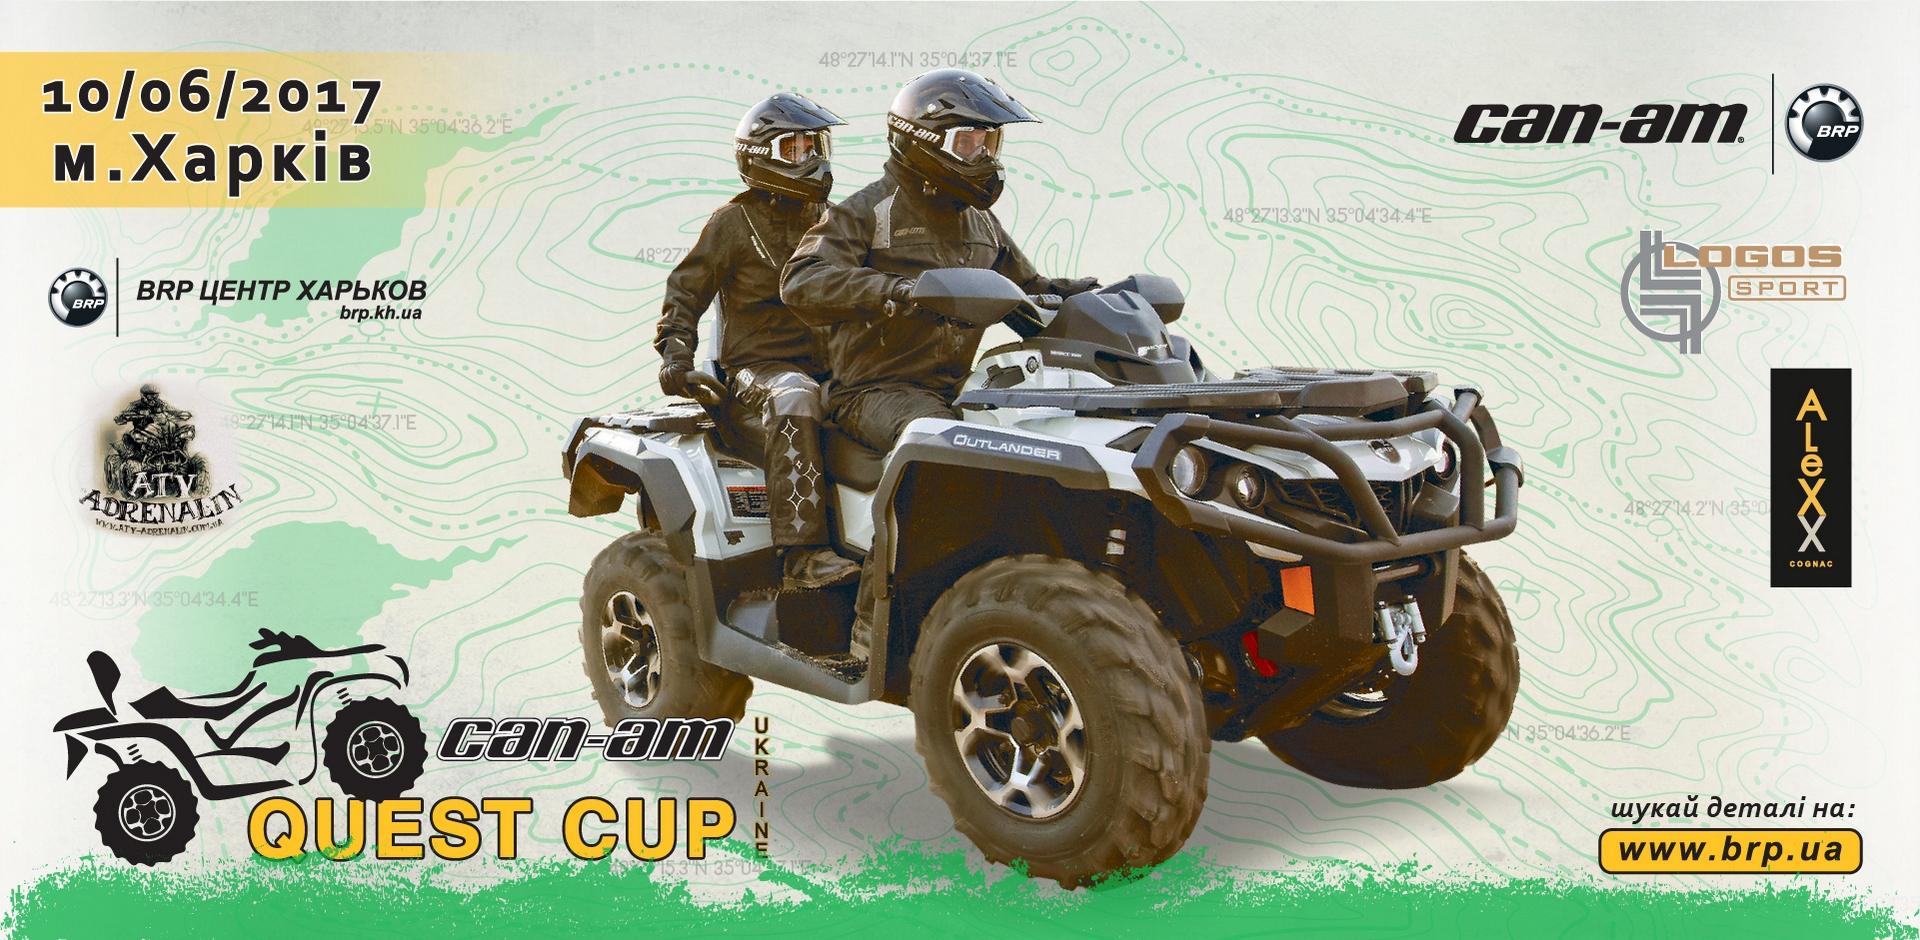 Второй этап серии «CAN-AM QUEST CUP»!